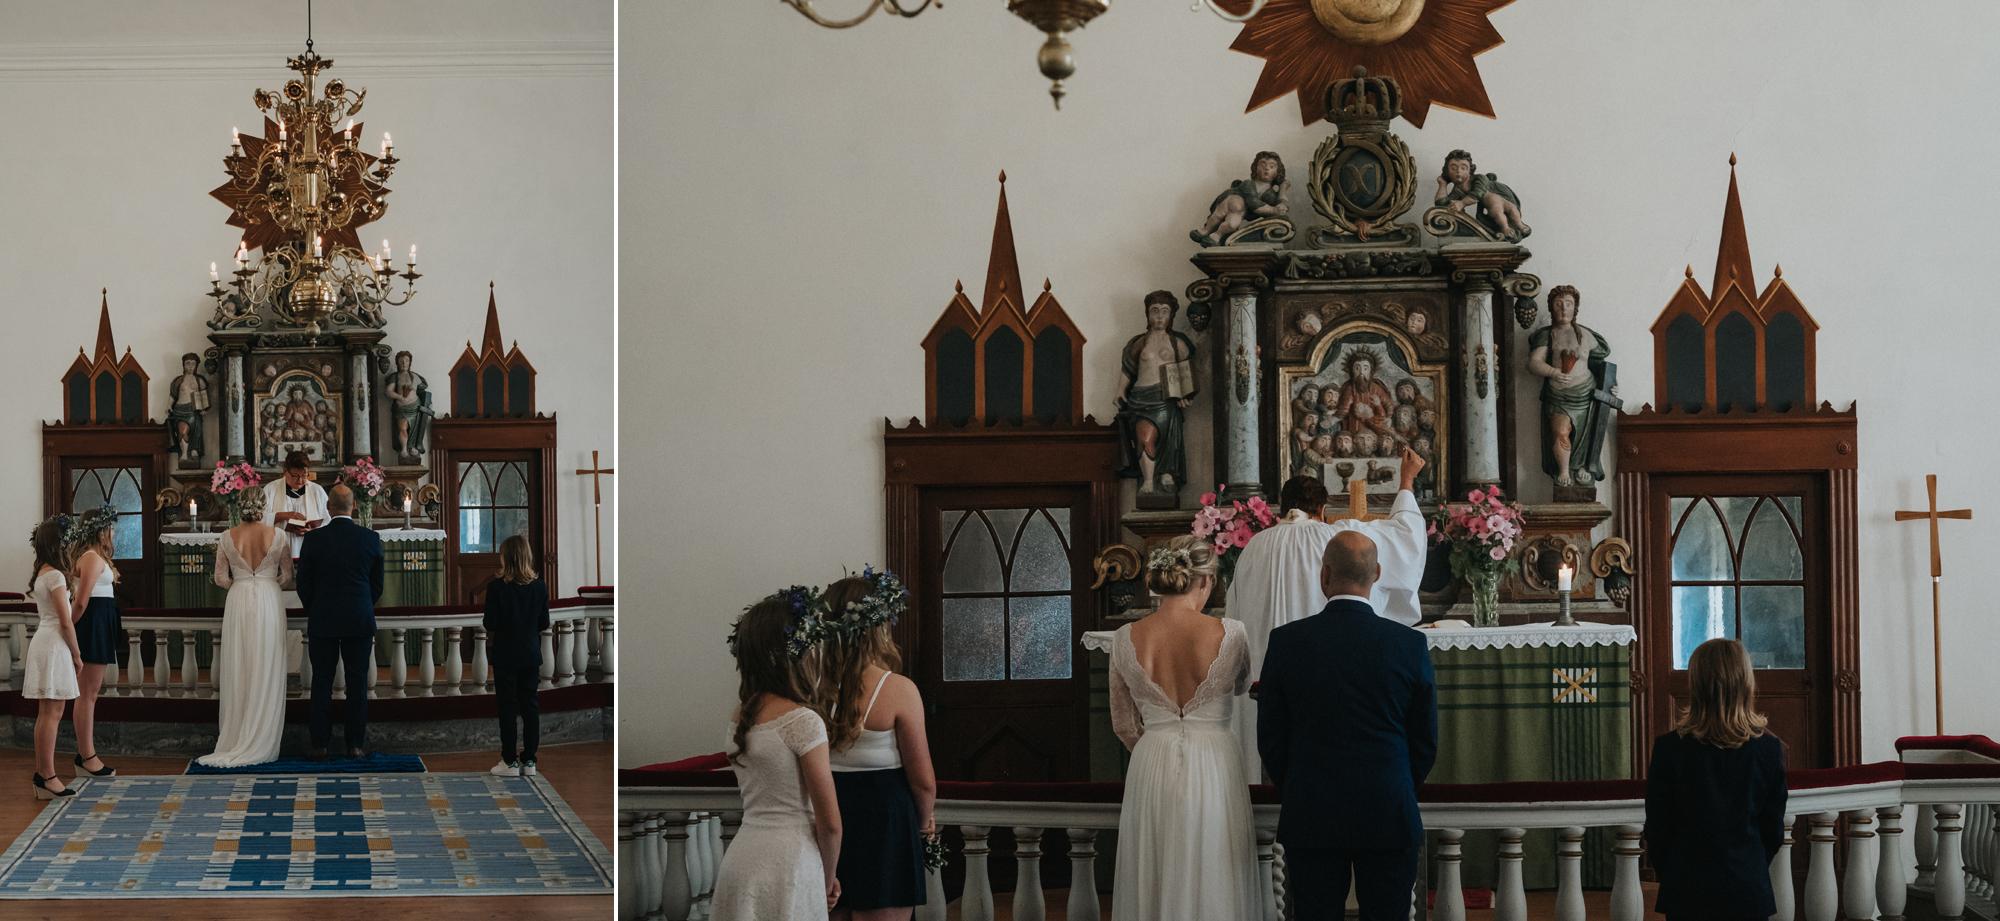 017-bröllop-fårö-kyrka.jpg